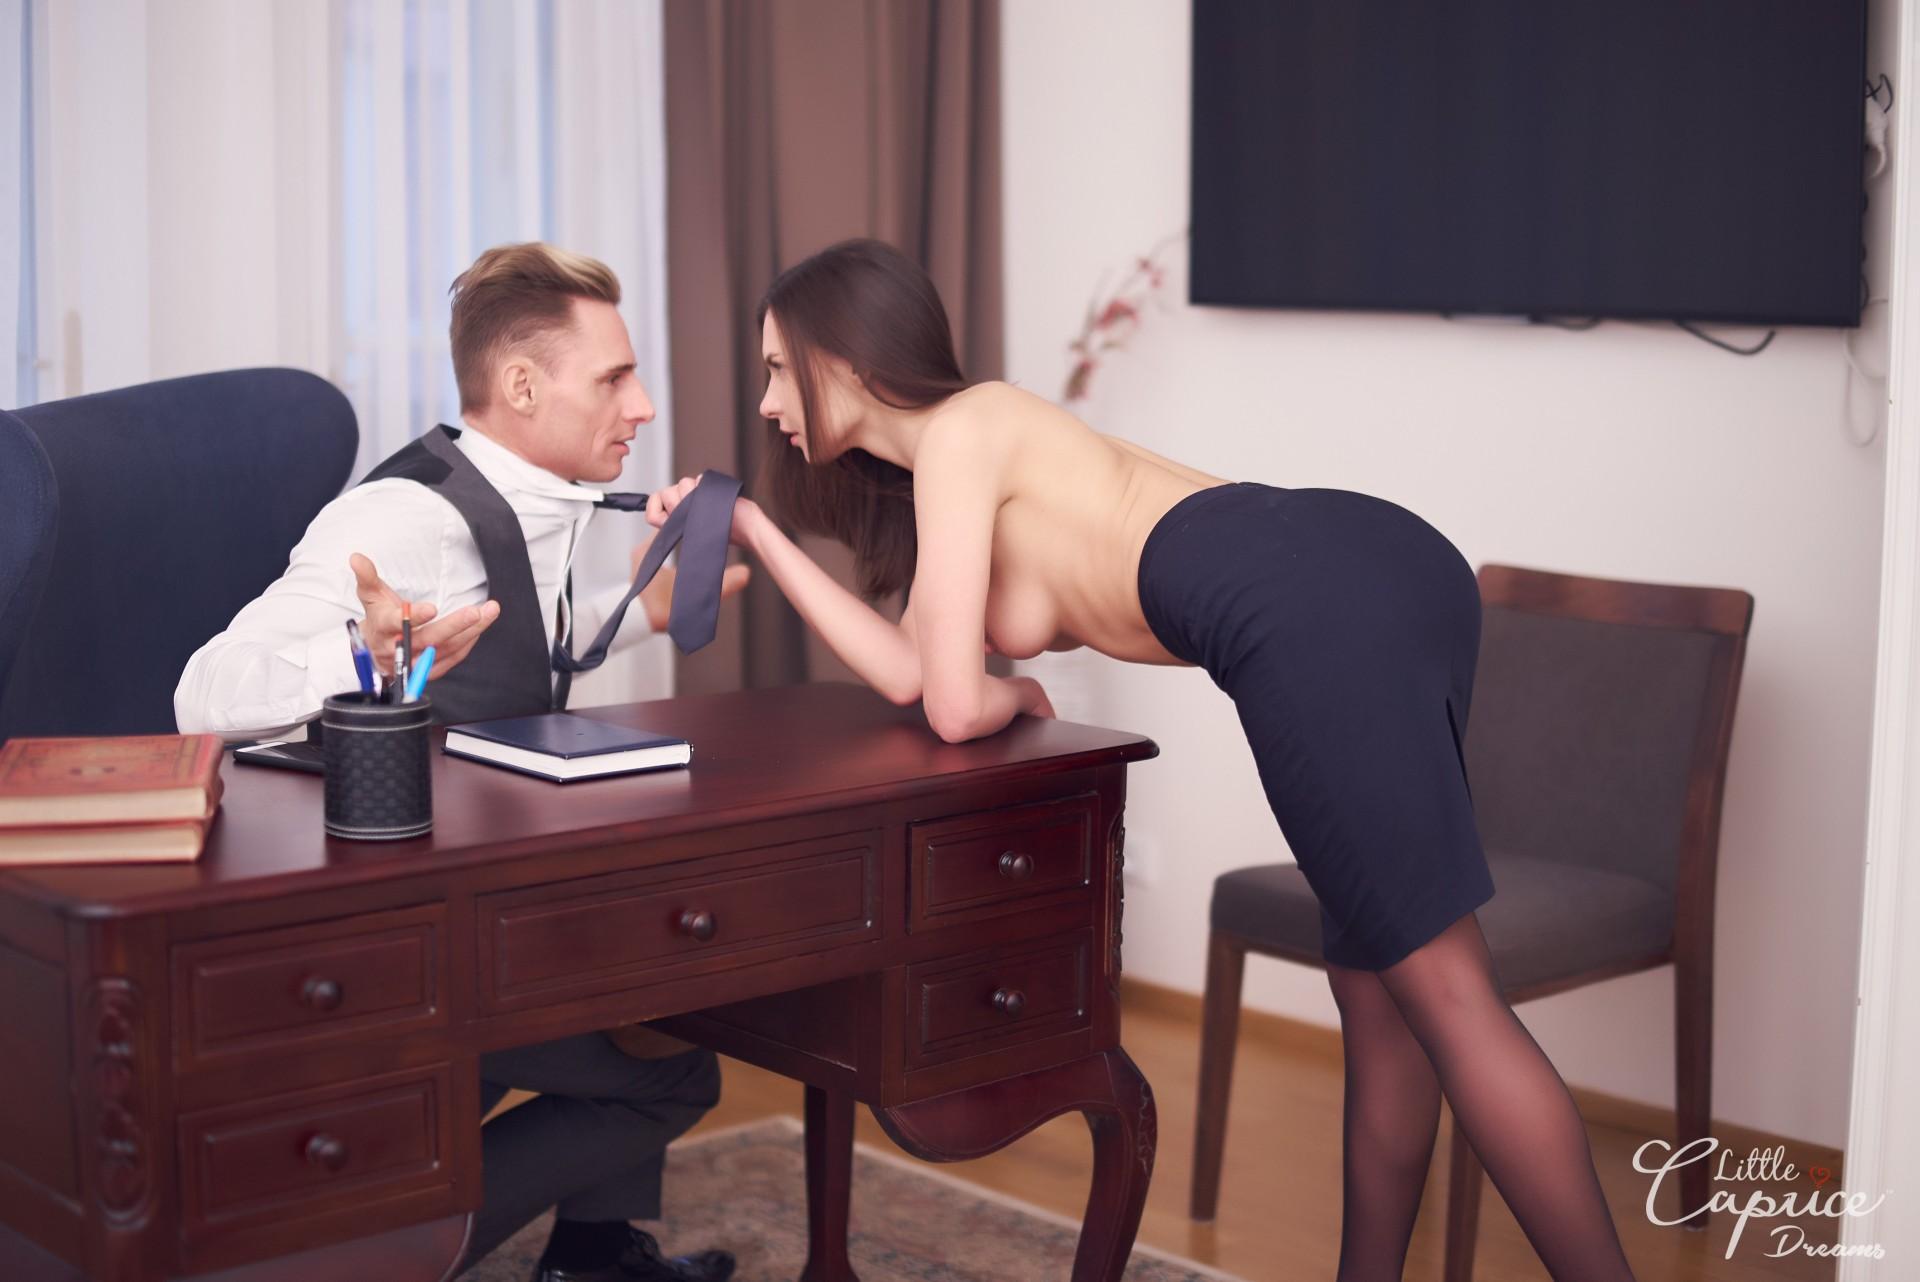 Alina Henessy Porn alina henessy �s dream job part 2 ⋆ alina henessy porn